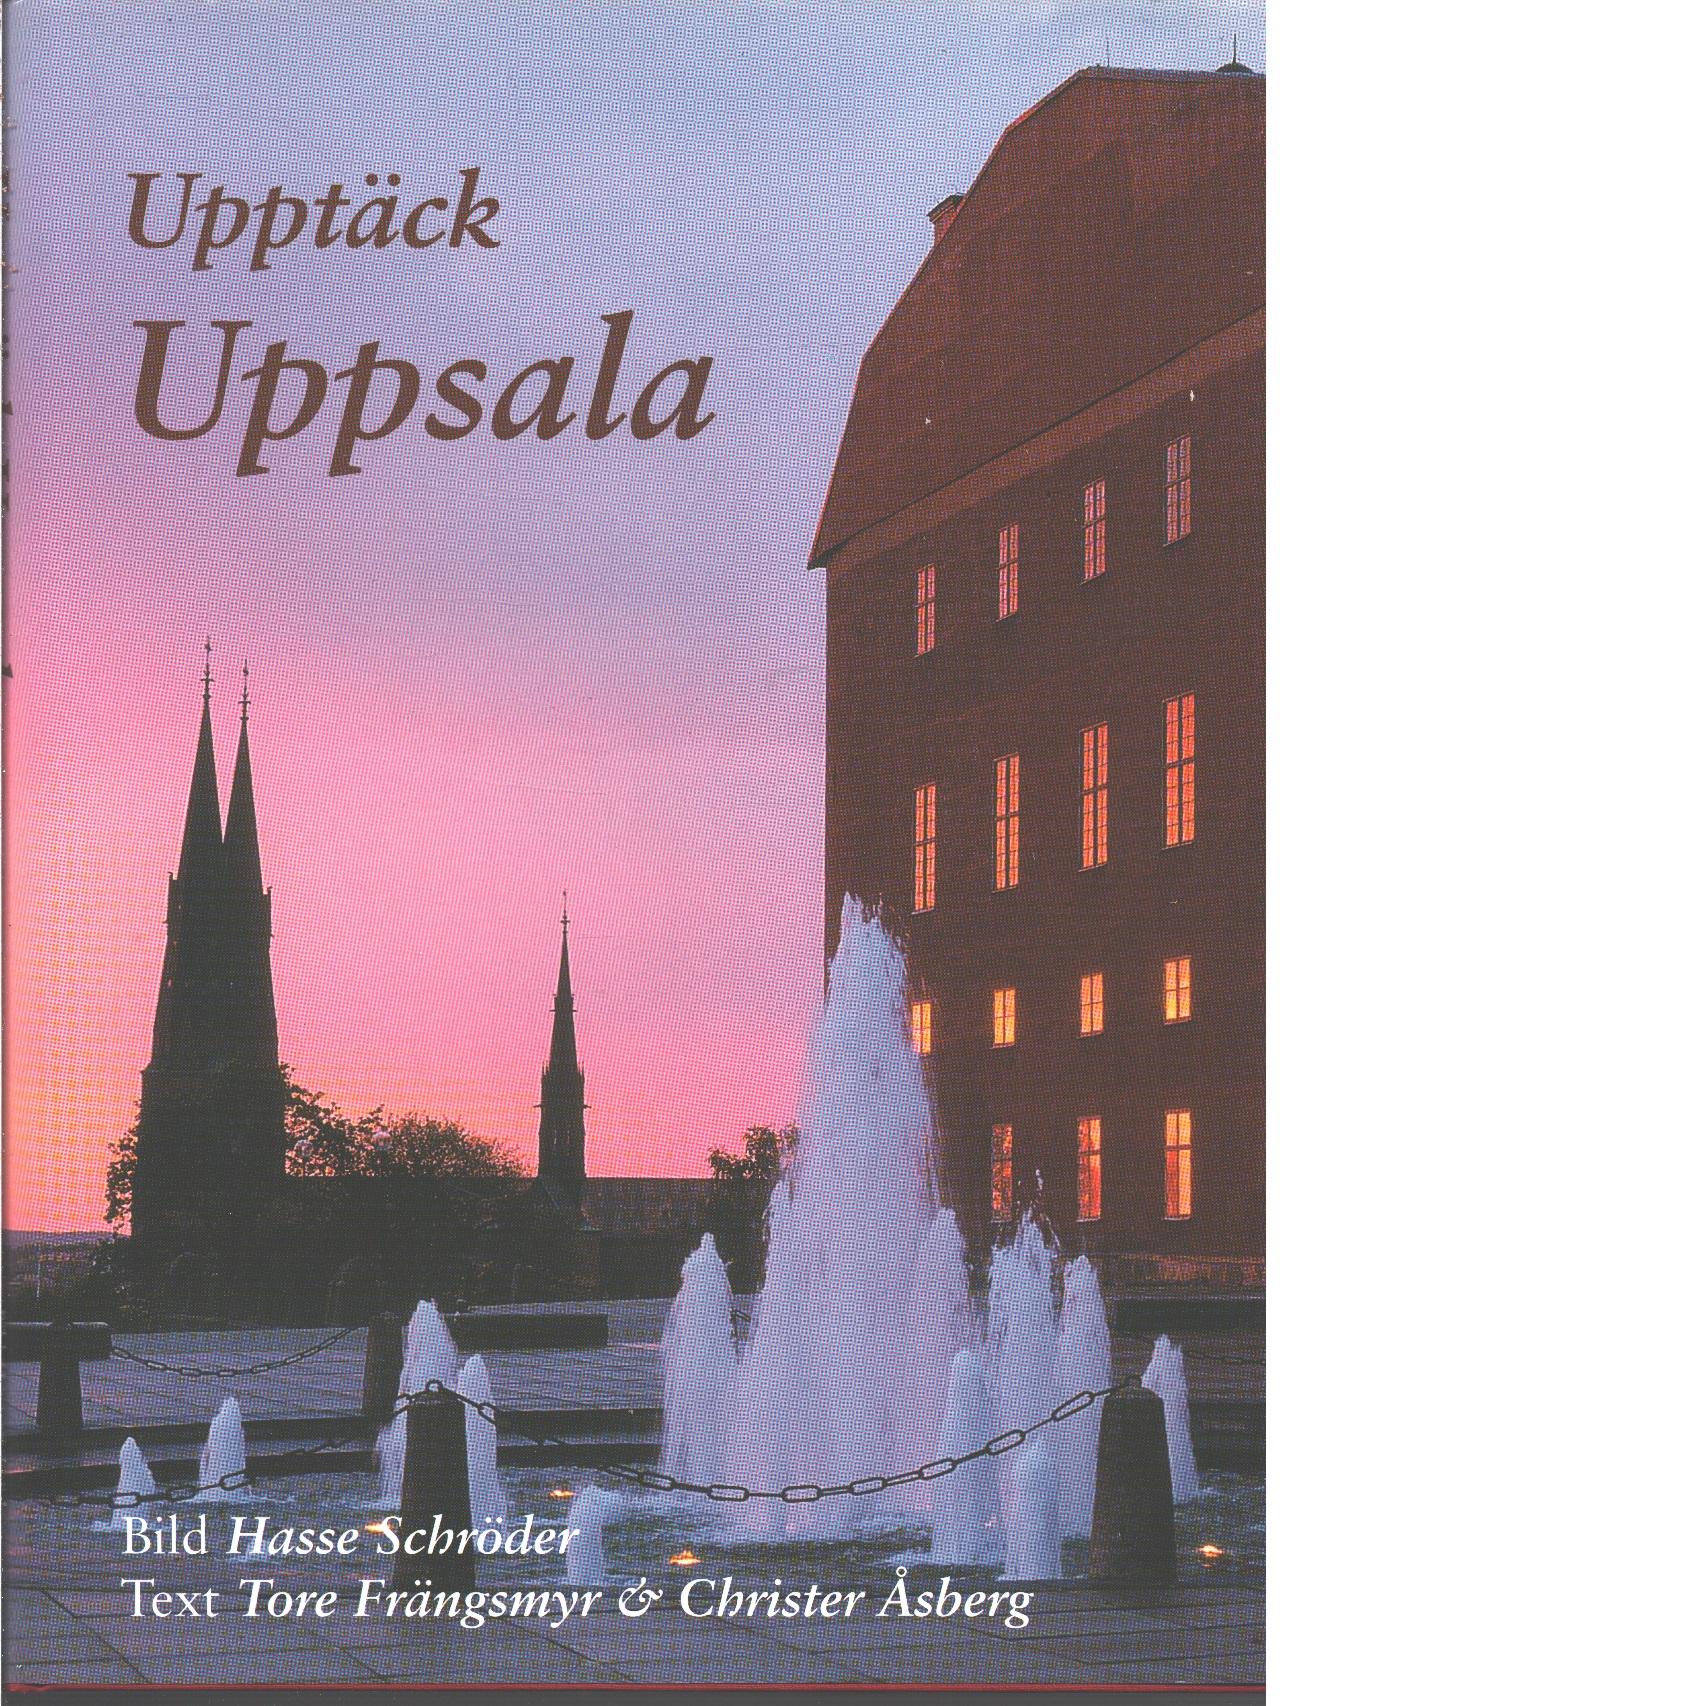 Upptäck Uppsala  - Schröder, Hasse och Frängsmyr, Tore samt  Åsberg, Christer